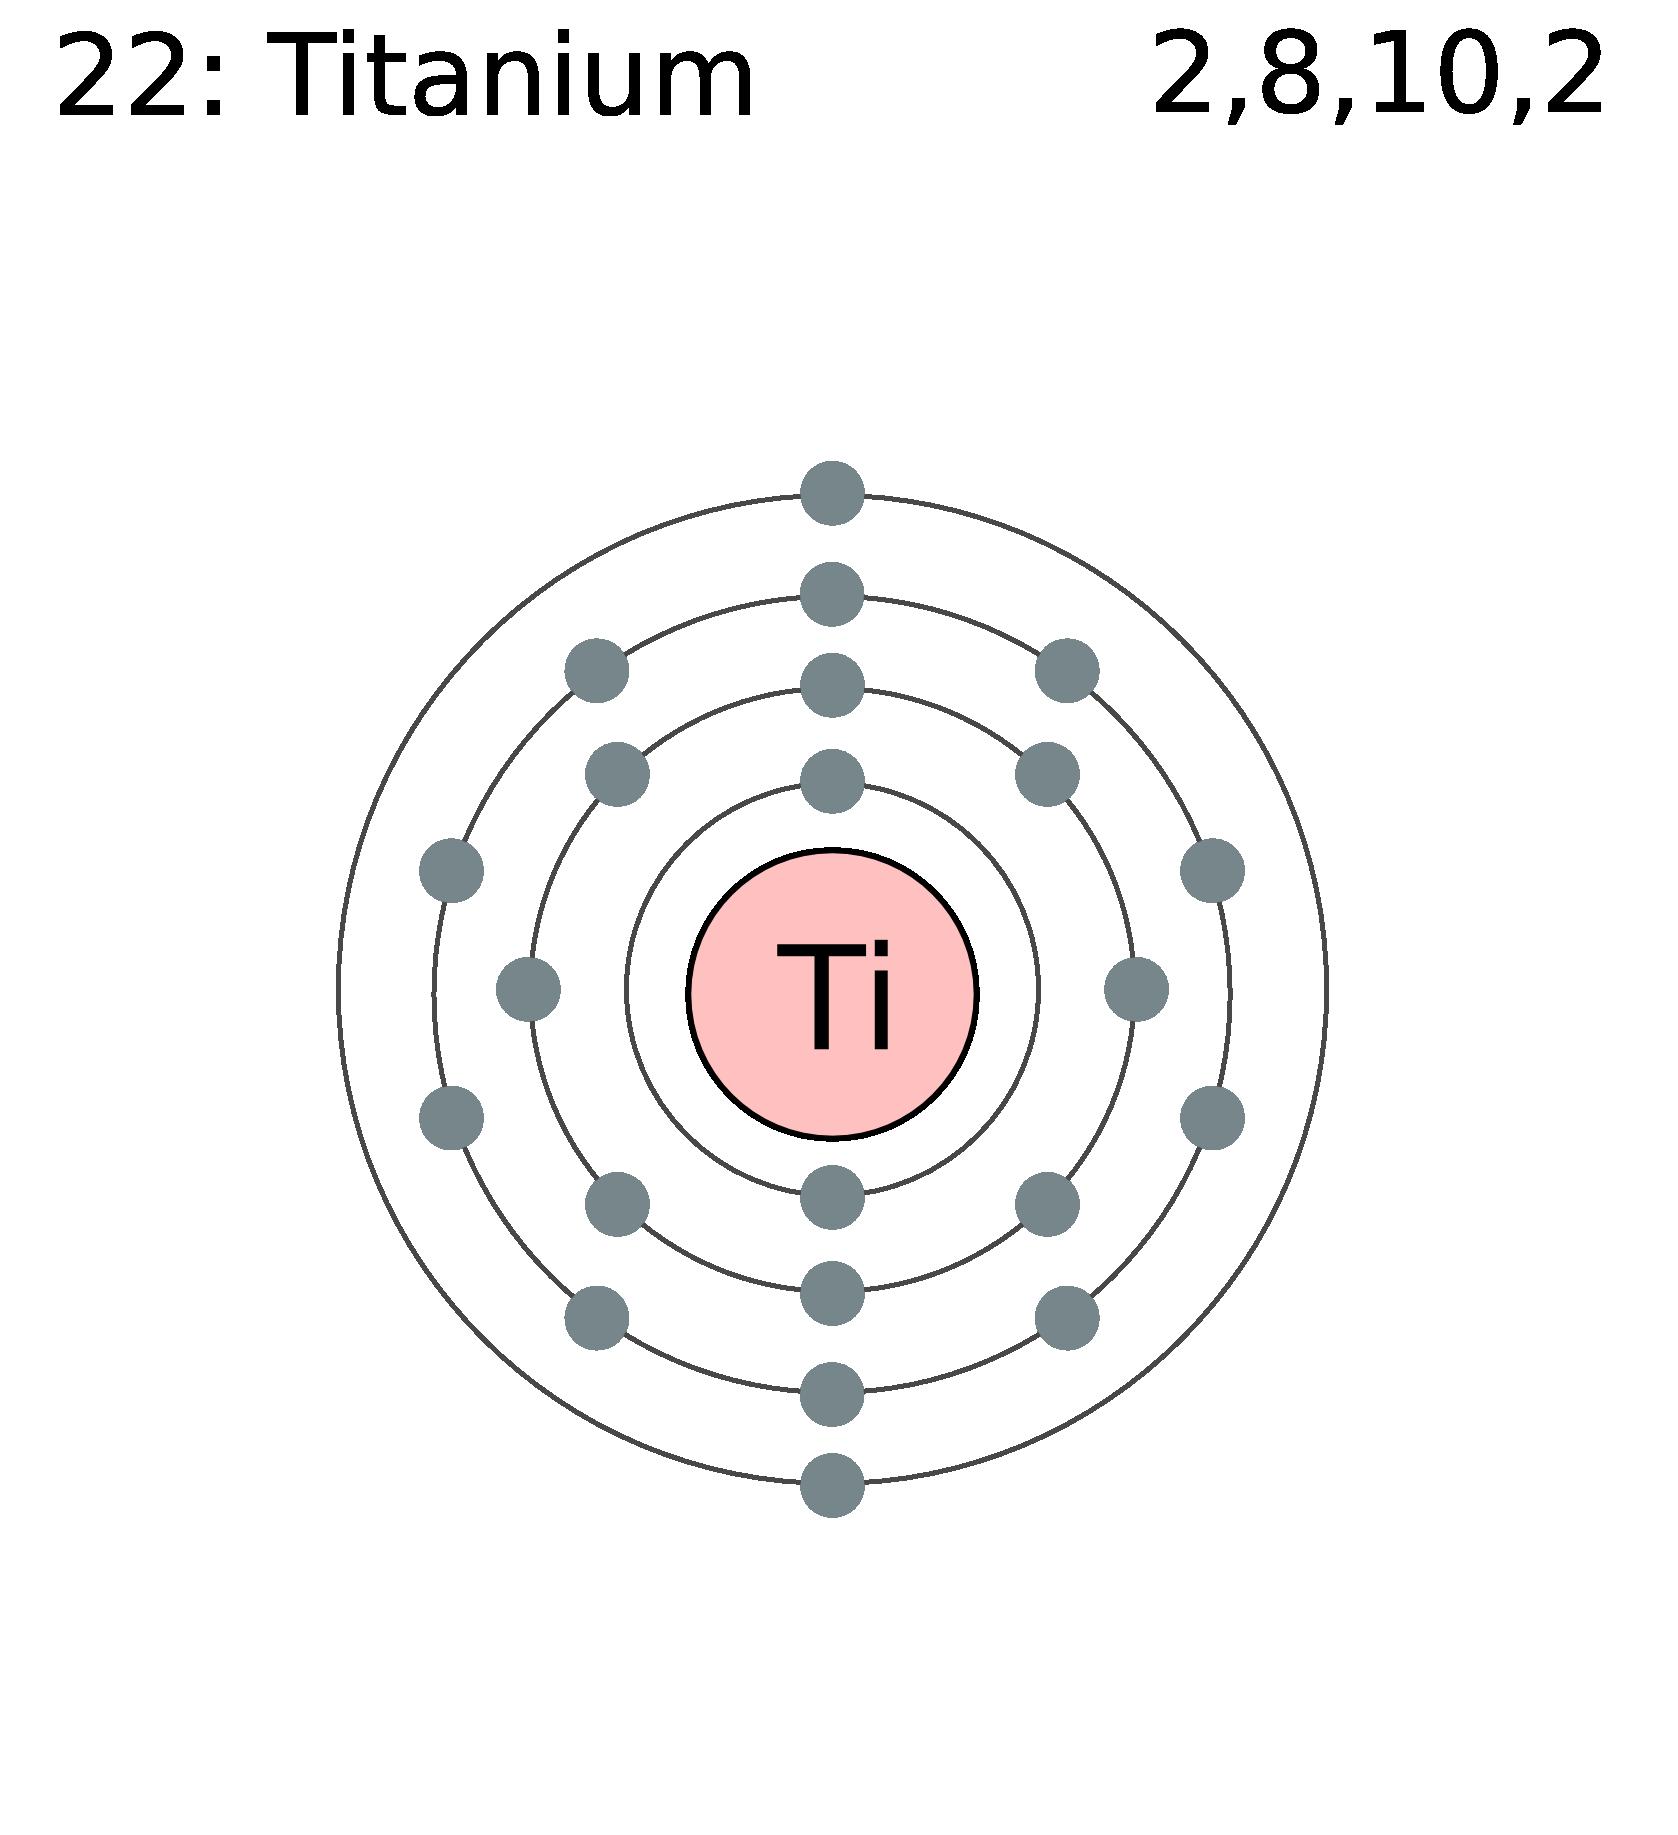 Orbital Diagram For Titanium